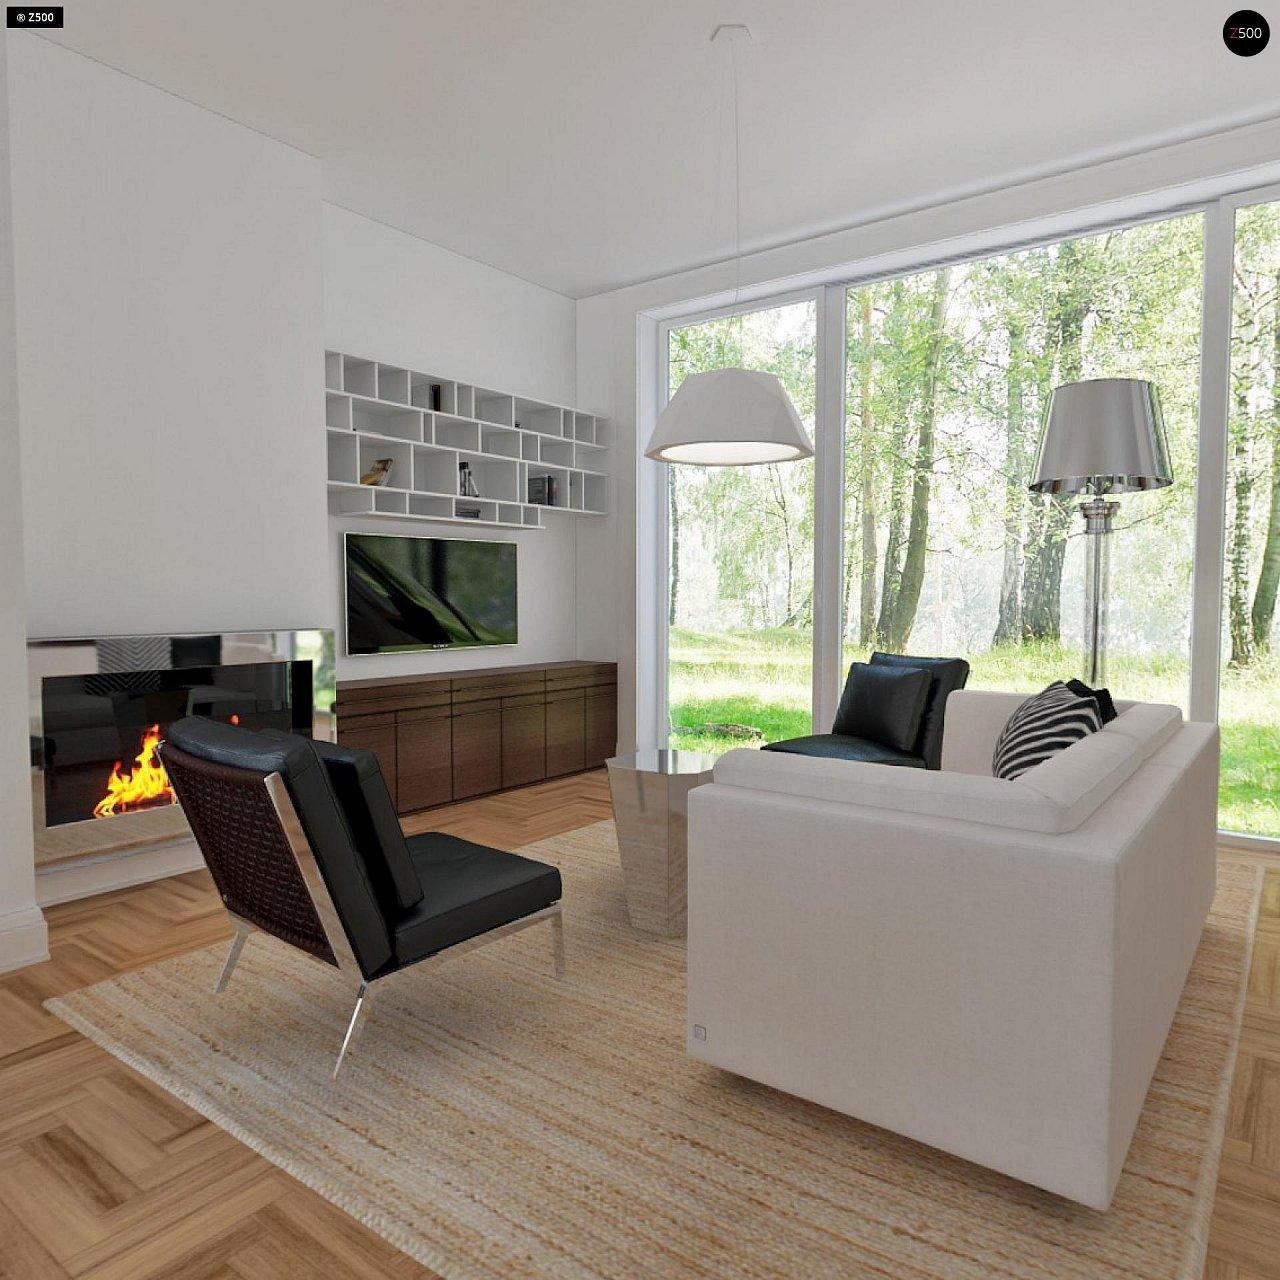 Удобный и красивый дом с красивым окном во фронтоне. 8